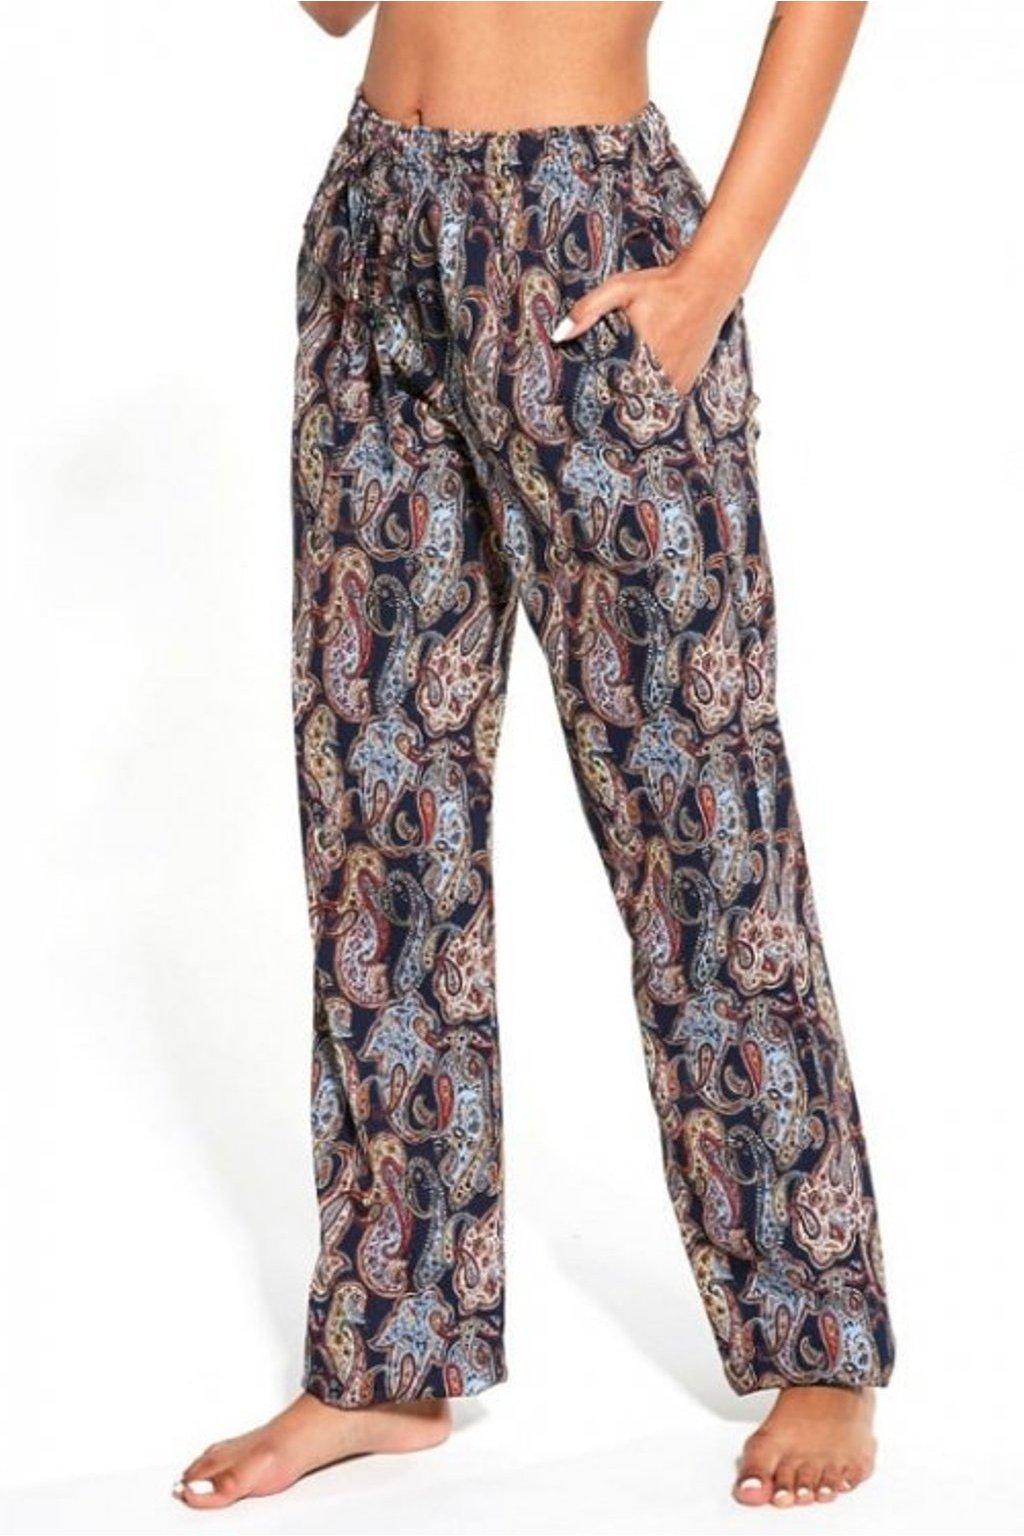 Dámské pyžamové kalhoty značky Cornette 690/20